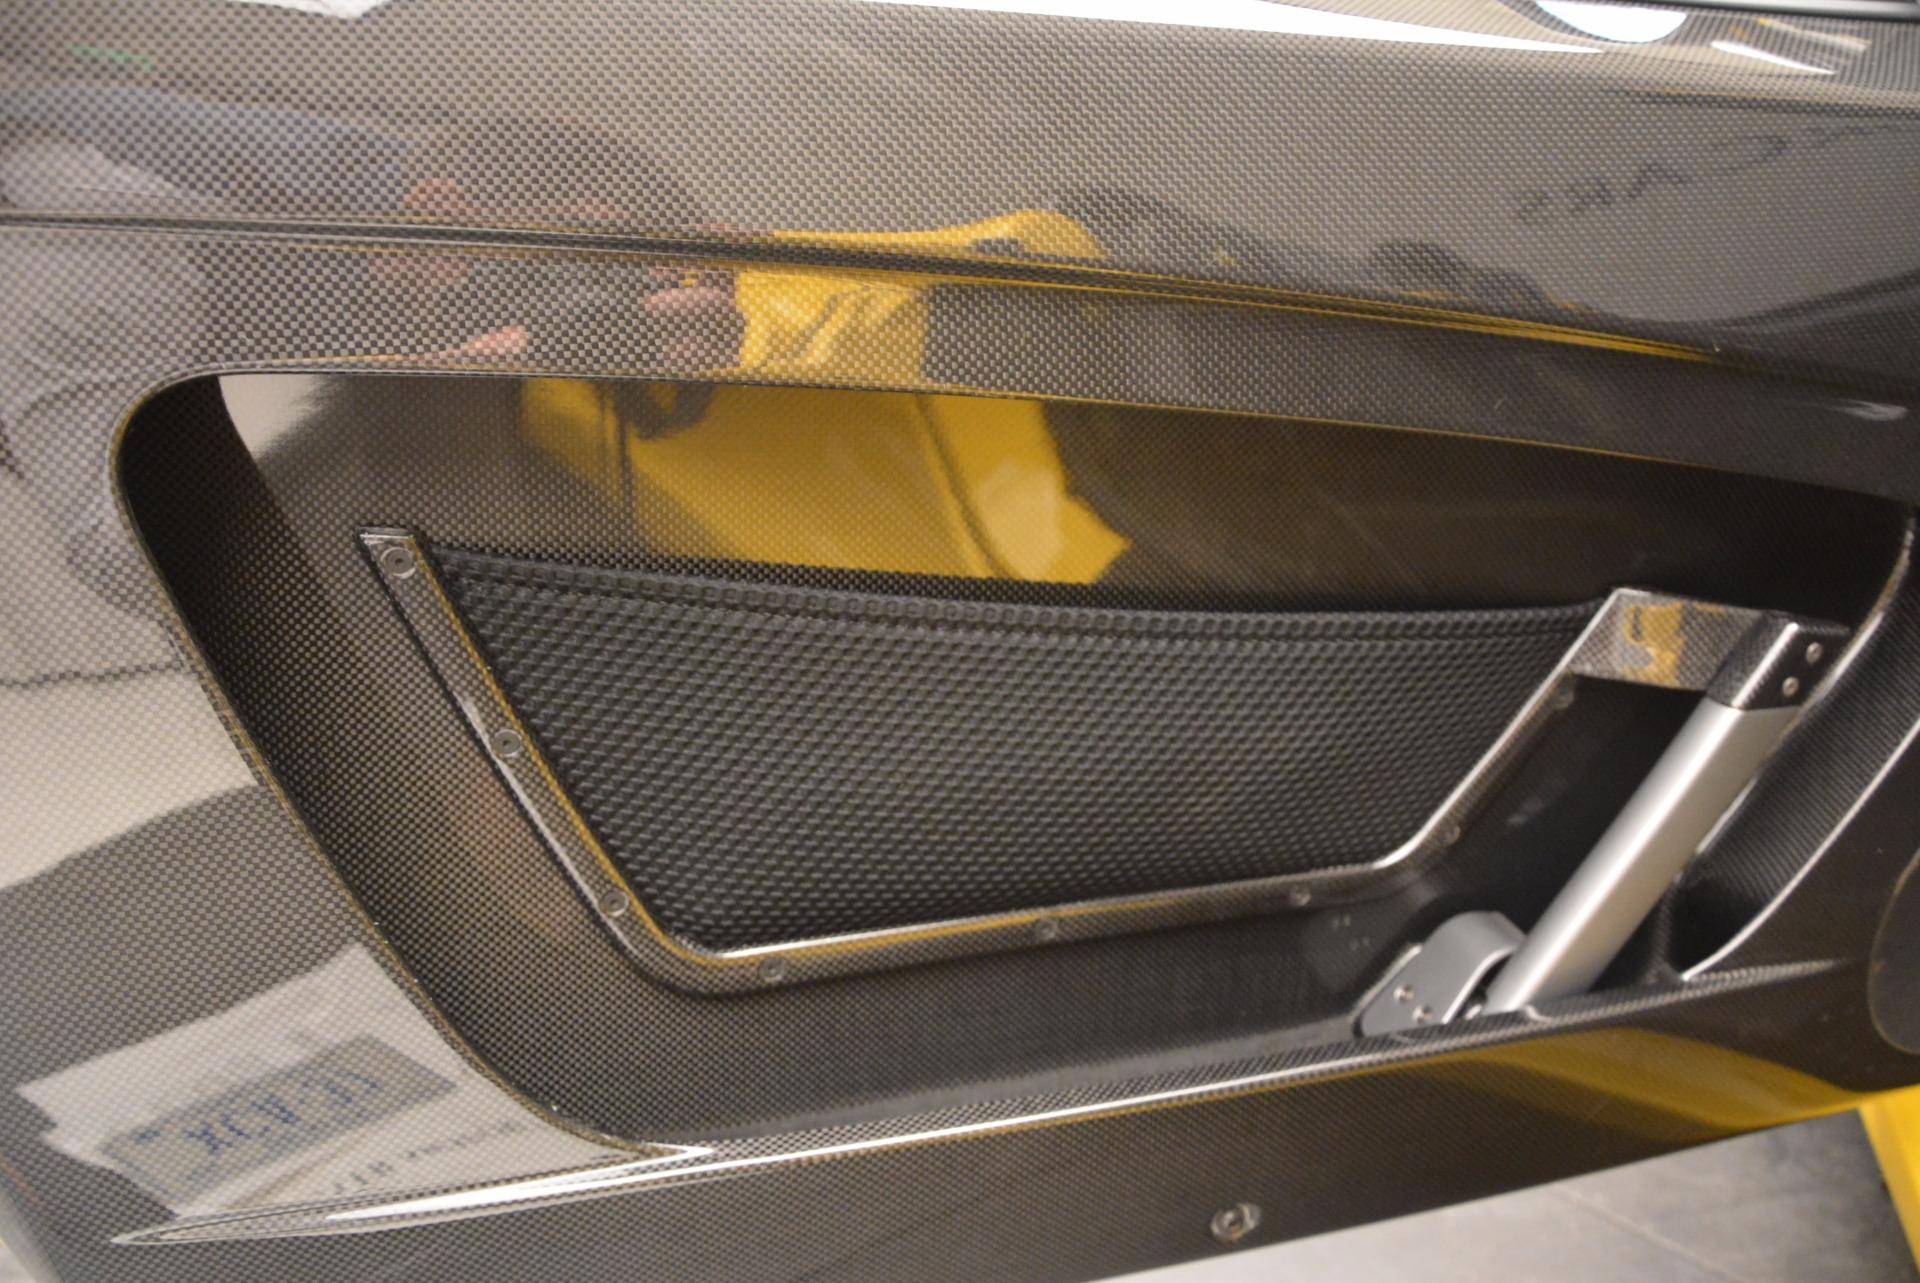 Used 2009 Ferrari F430 Scuderia 16M For Sale In Greenwich, CT. Alfa Romeo of Greenwich, 4369 856_p28